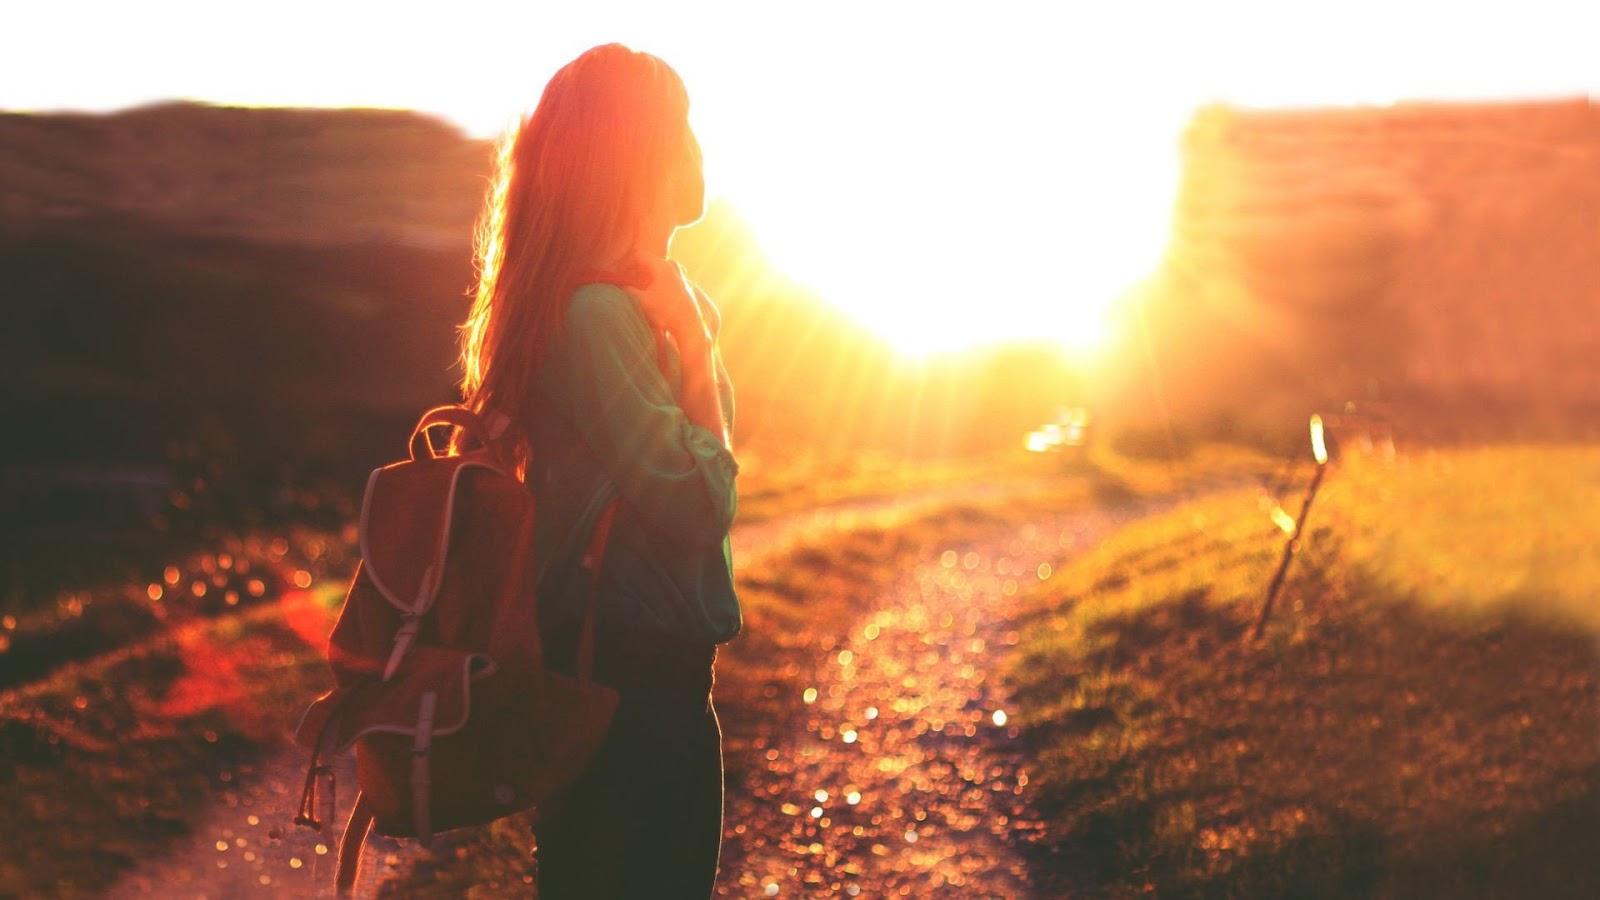 http://2.bp.blogspot.com/-rYW-66OJhDY/UG1Q4VbAZKI/AAAAAAAACNQ/KgEuH49P61U/s1600/beautiful-sunlight.jpg